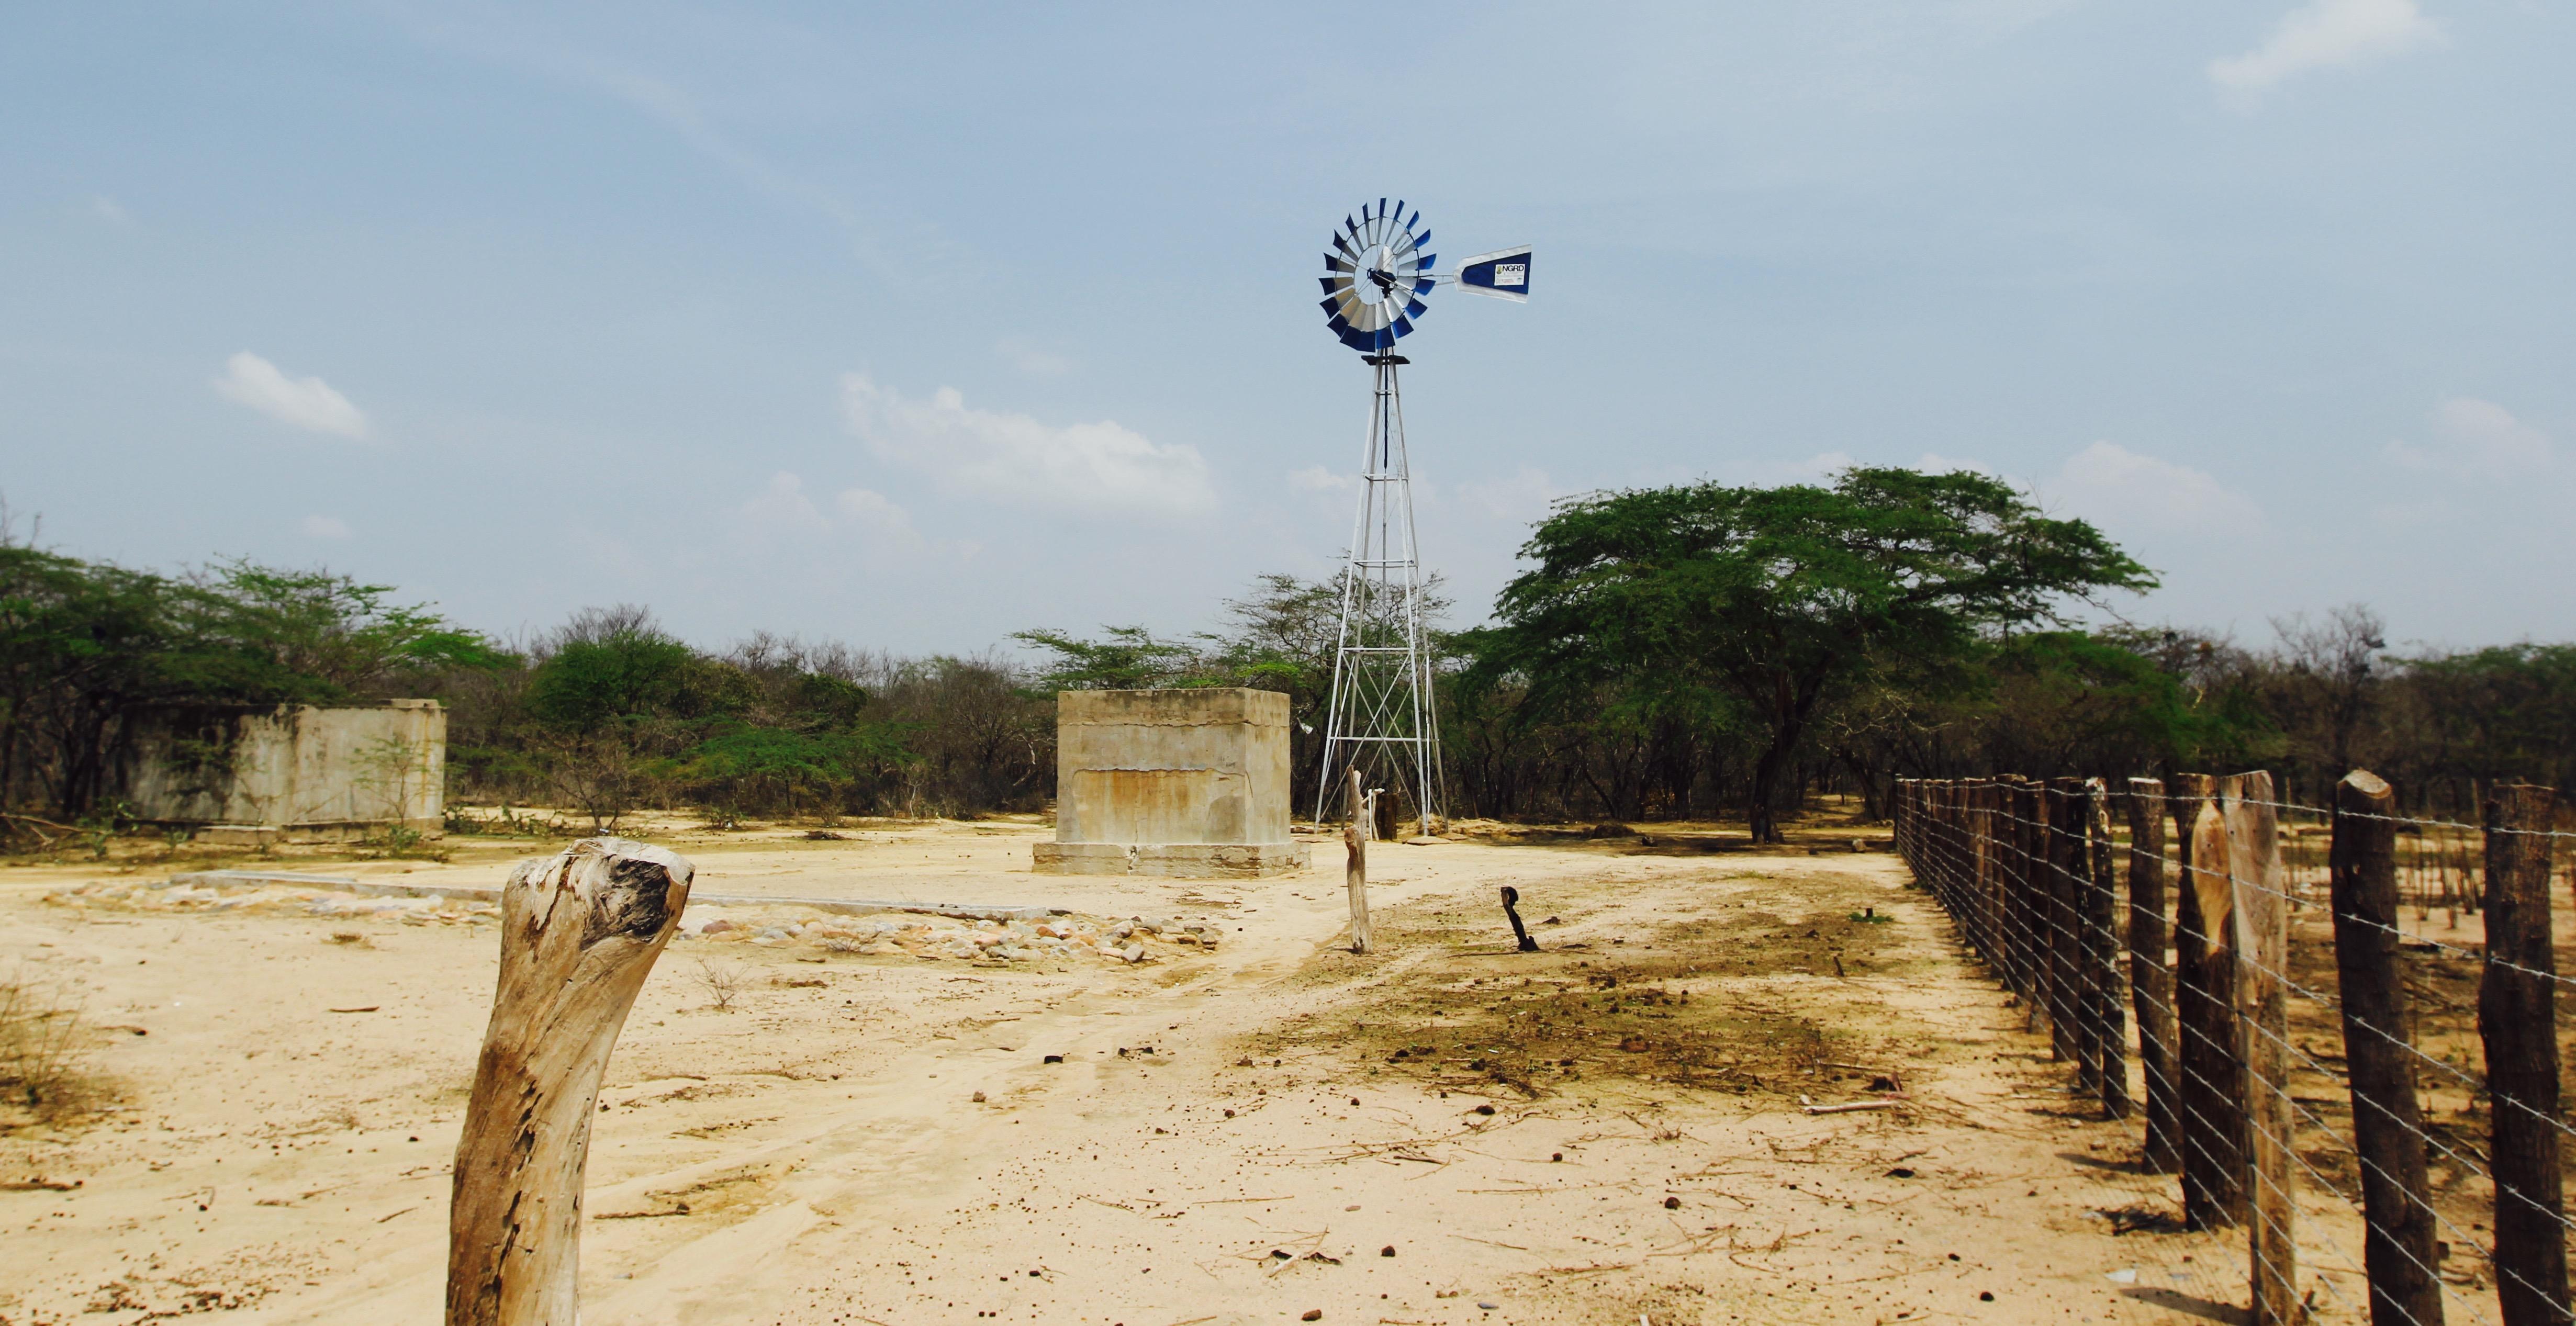 Windmill well pump